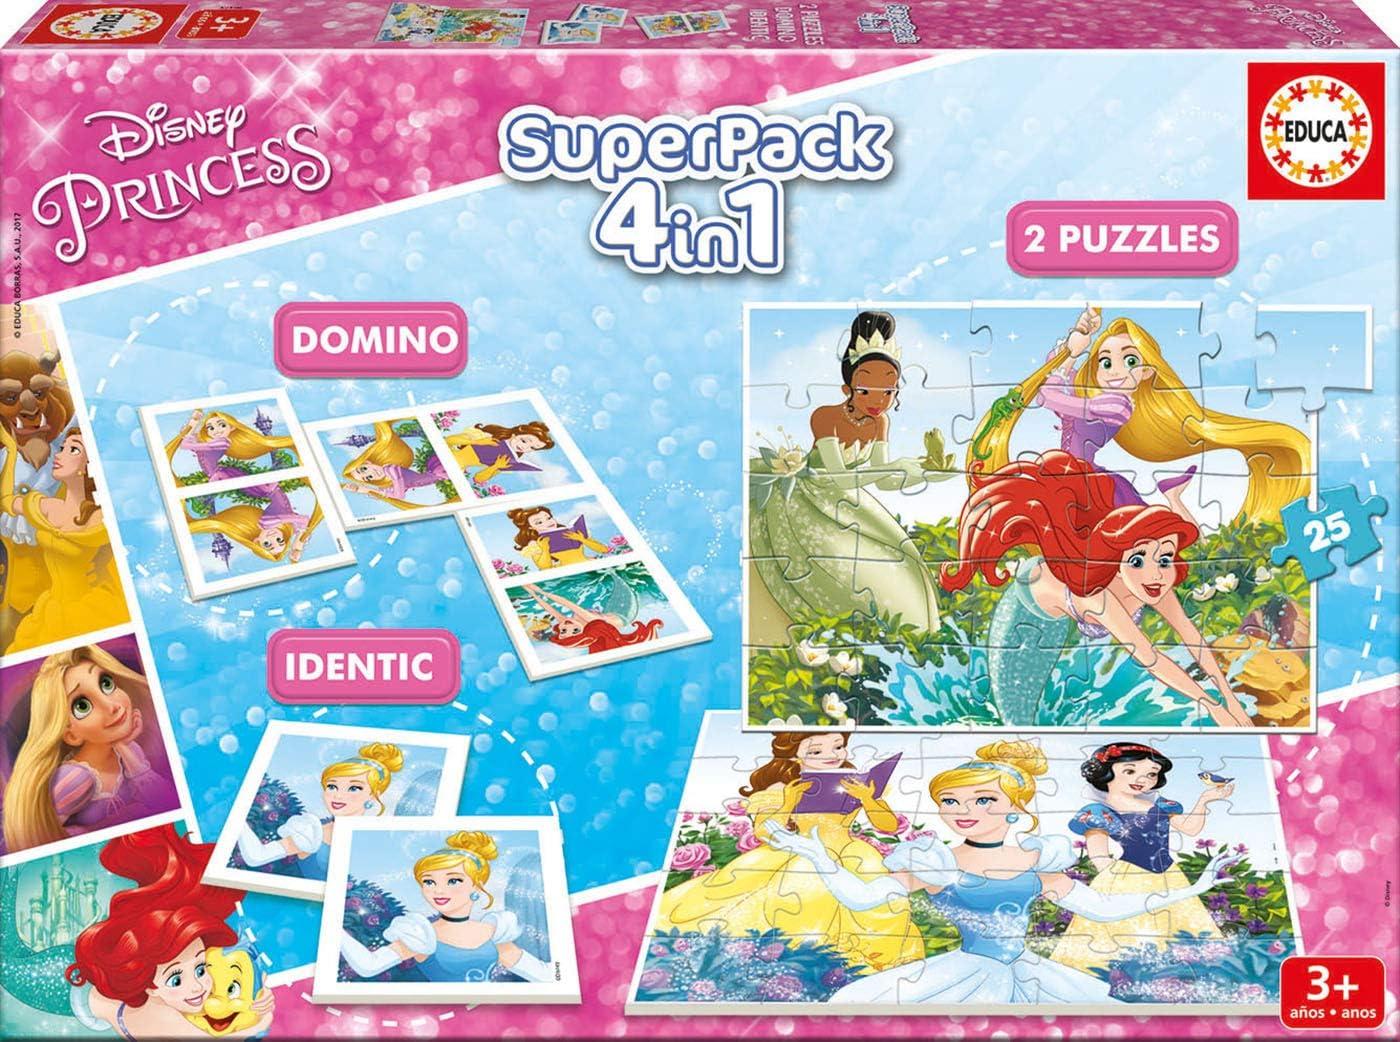 Educa - Superpack juegos Princesas Disney, contiene 2 puzzles, 1 ...